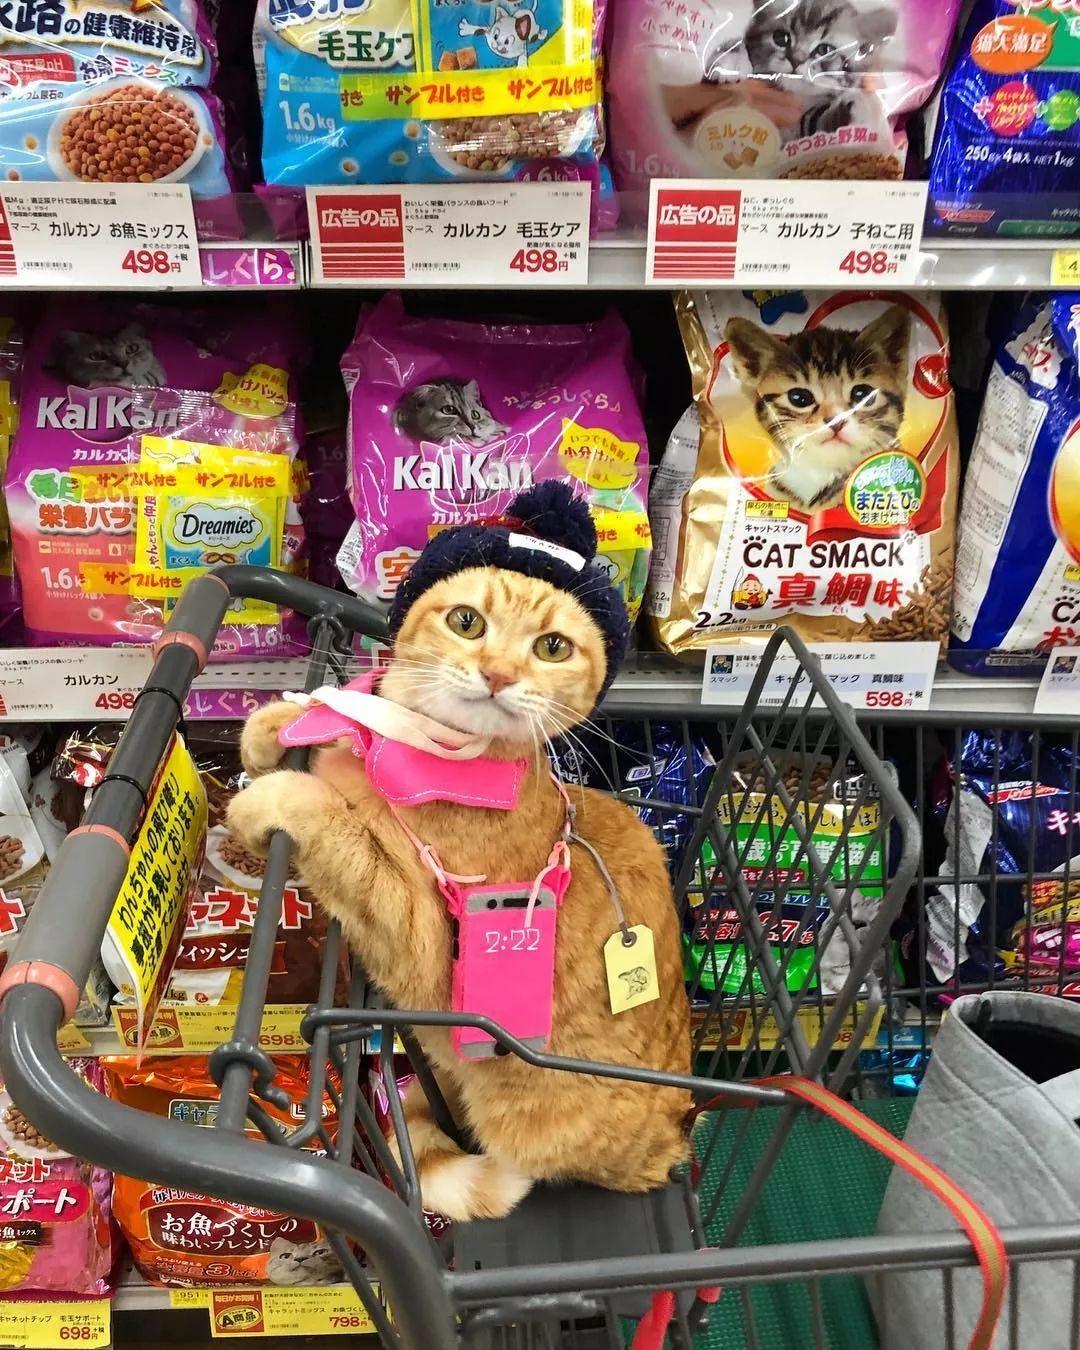 日本一喜欢逛超市的橘猫走红网络!乖巧认真的画风,太萌了